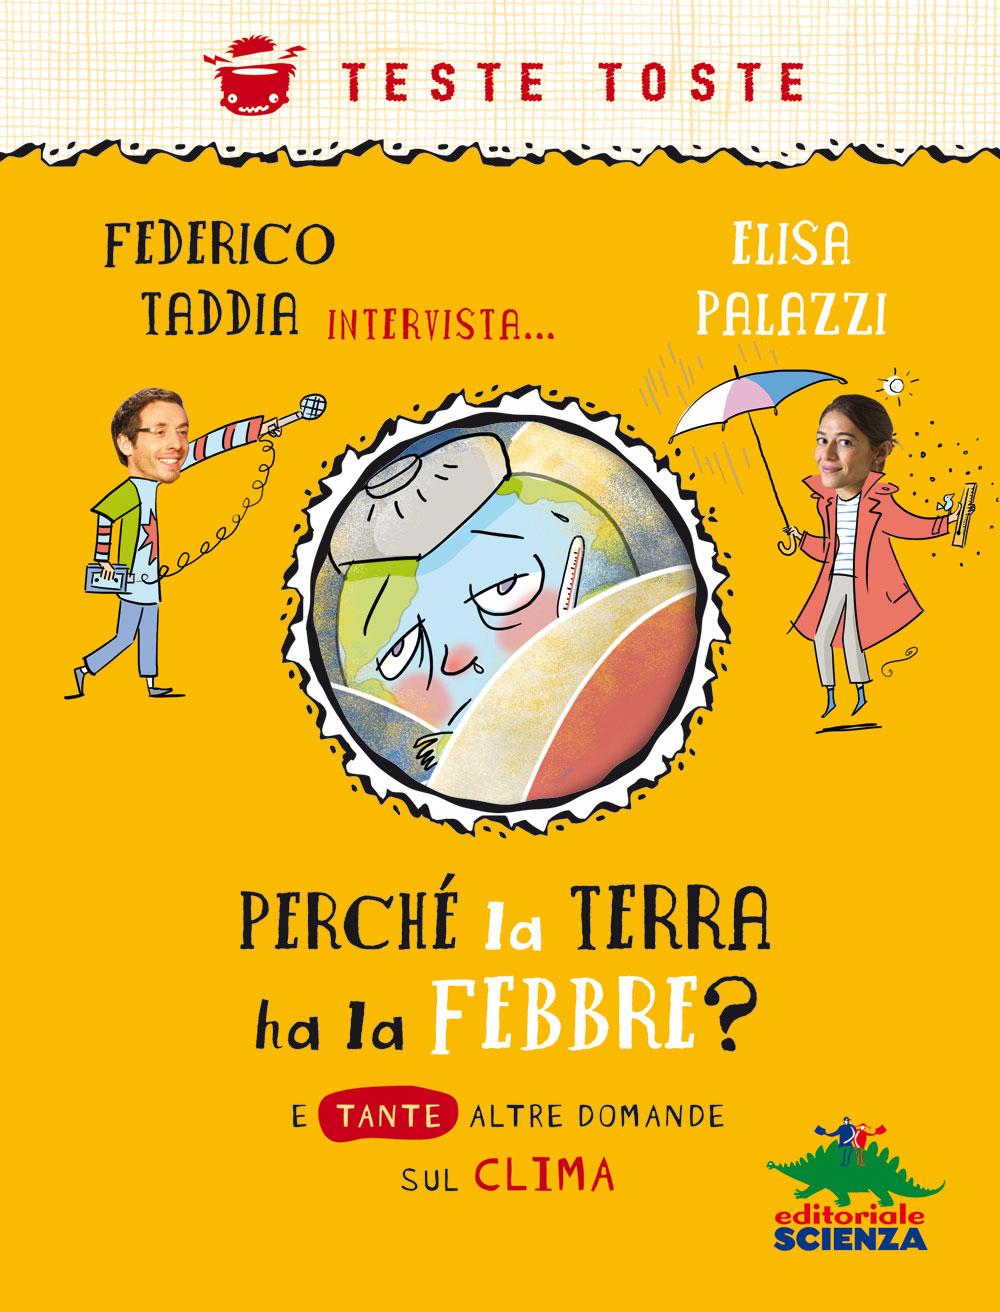 Libro di Elisa Palazzi: Perché la Terra ha la Febbre?